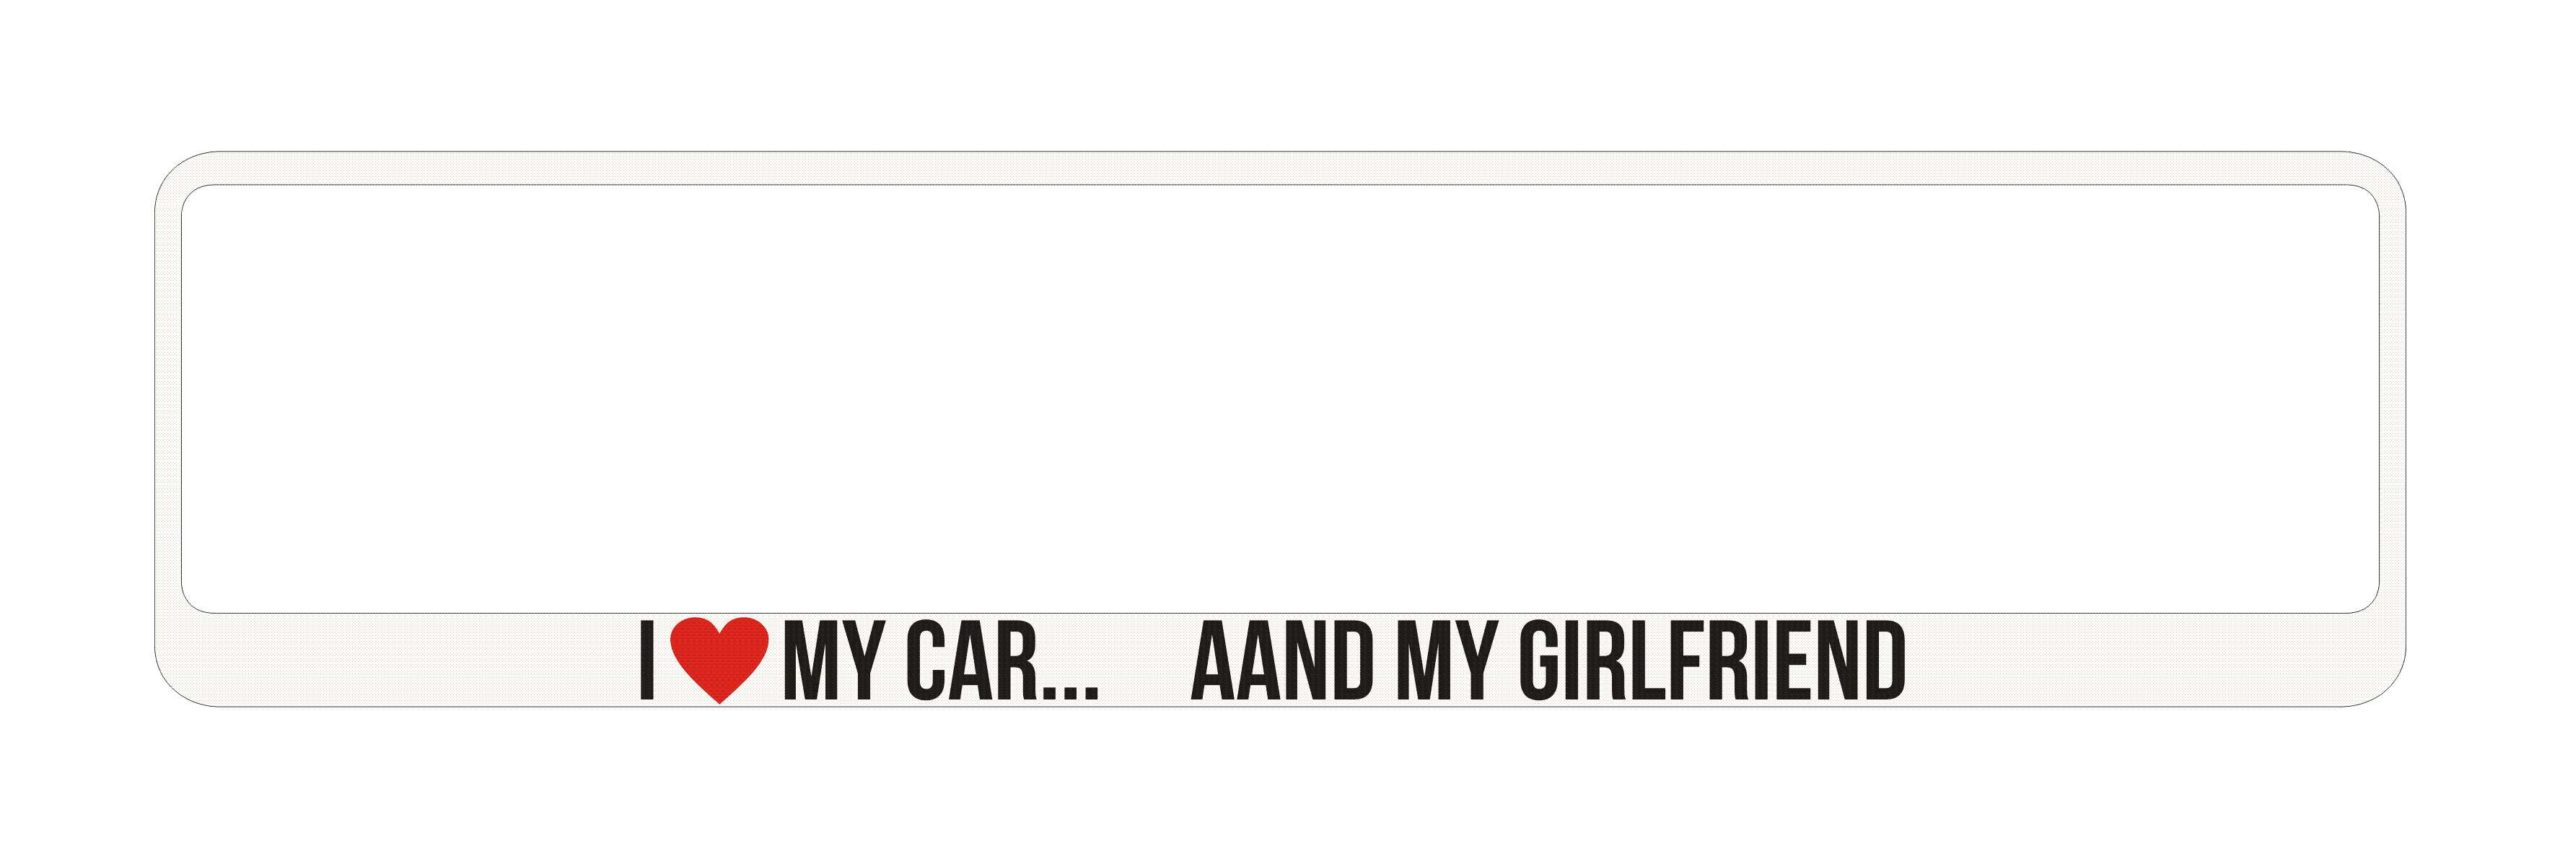 LATSIGN Auto numura turētājs baltā krāsā ar uzrakstu - I love my car and my girlfriend